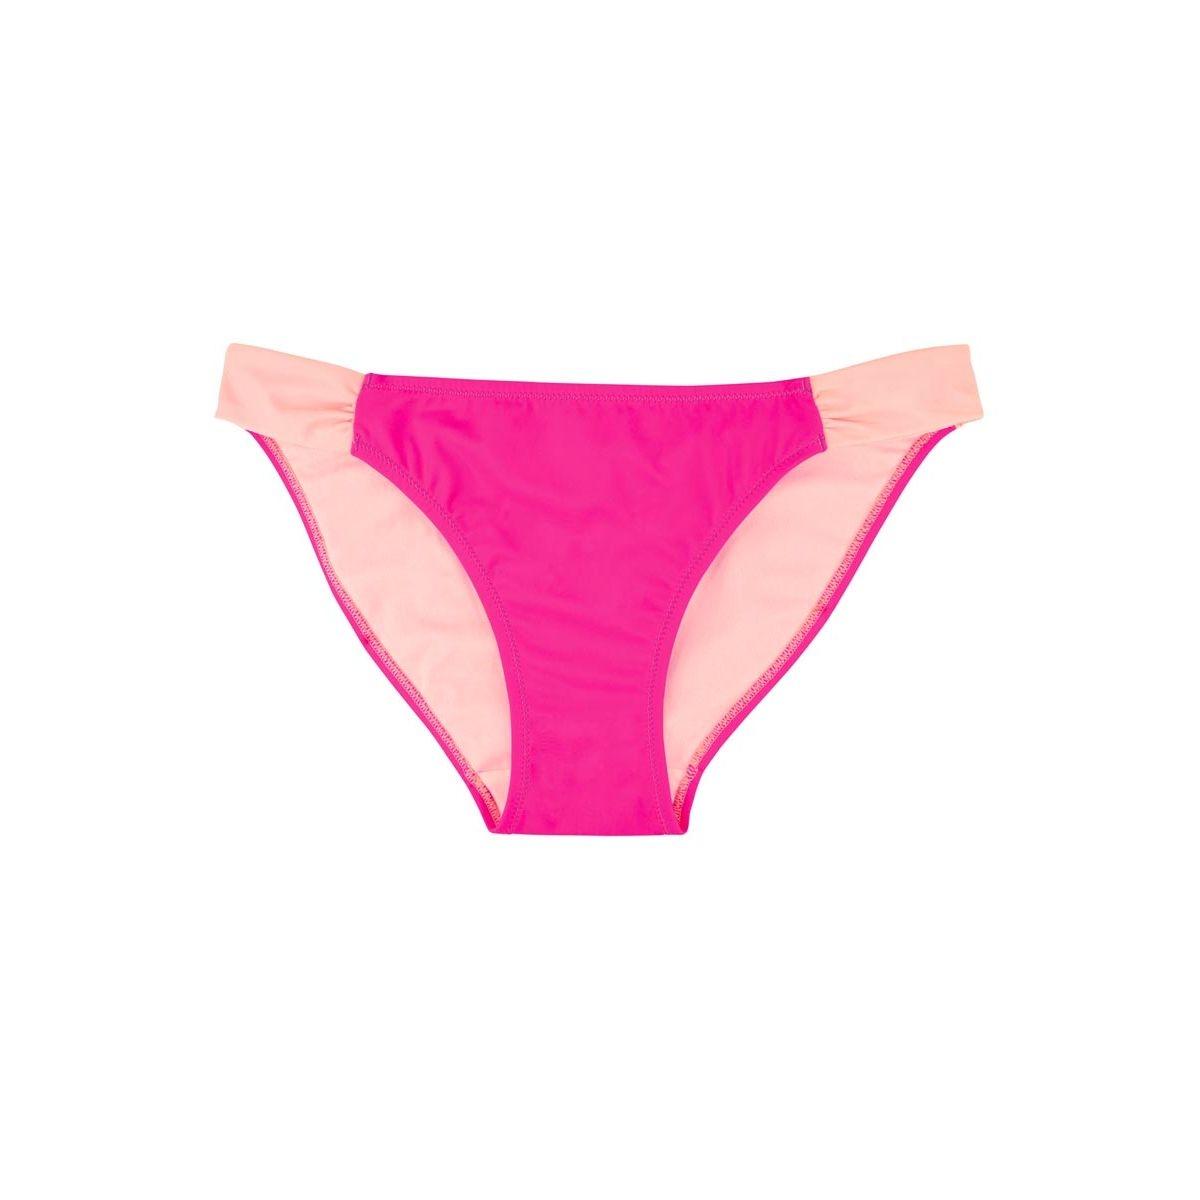 Bas de maillot de bain Culotte Avalon Bikini Rose